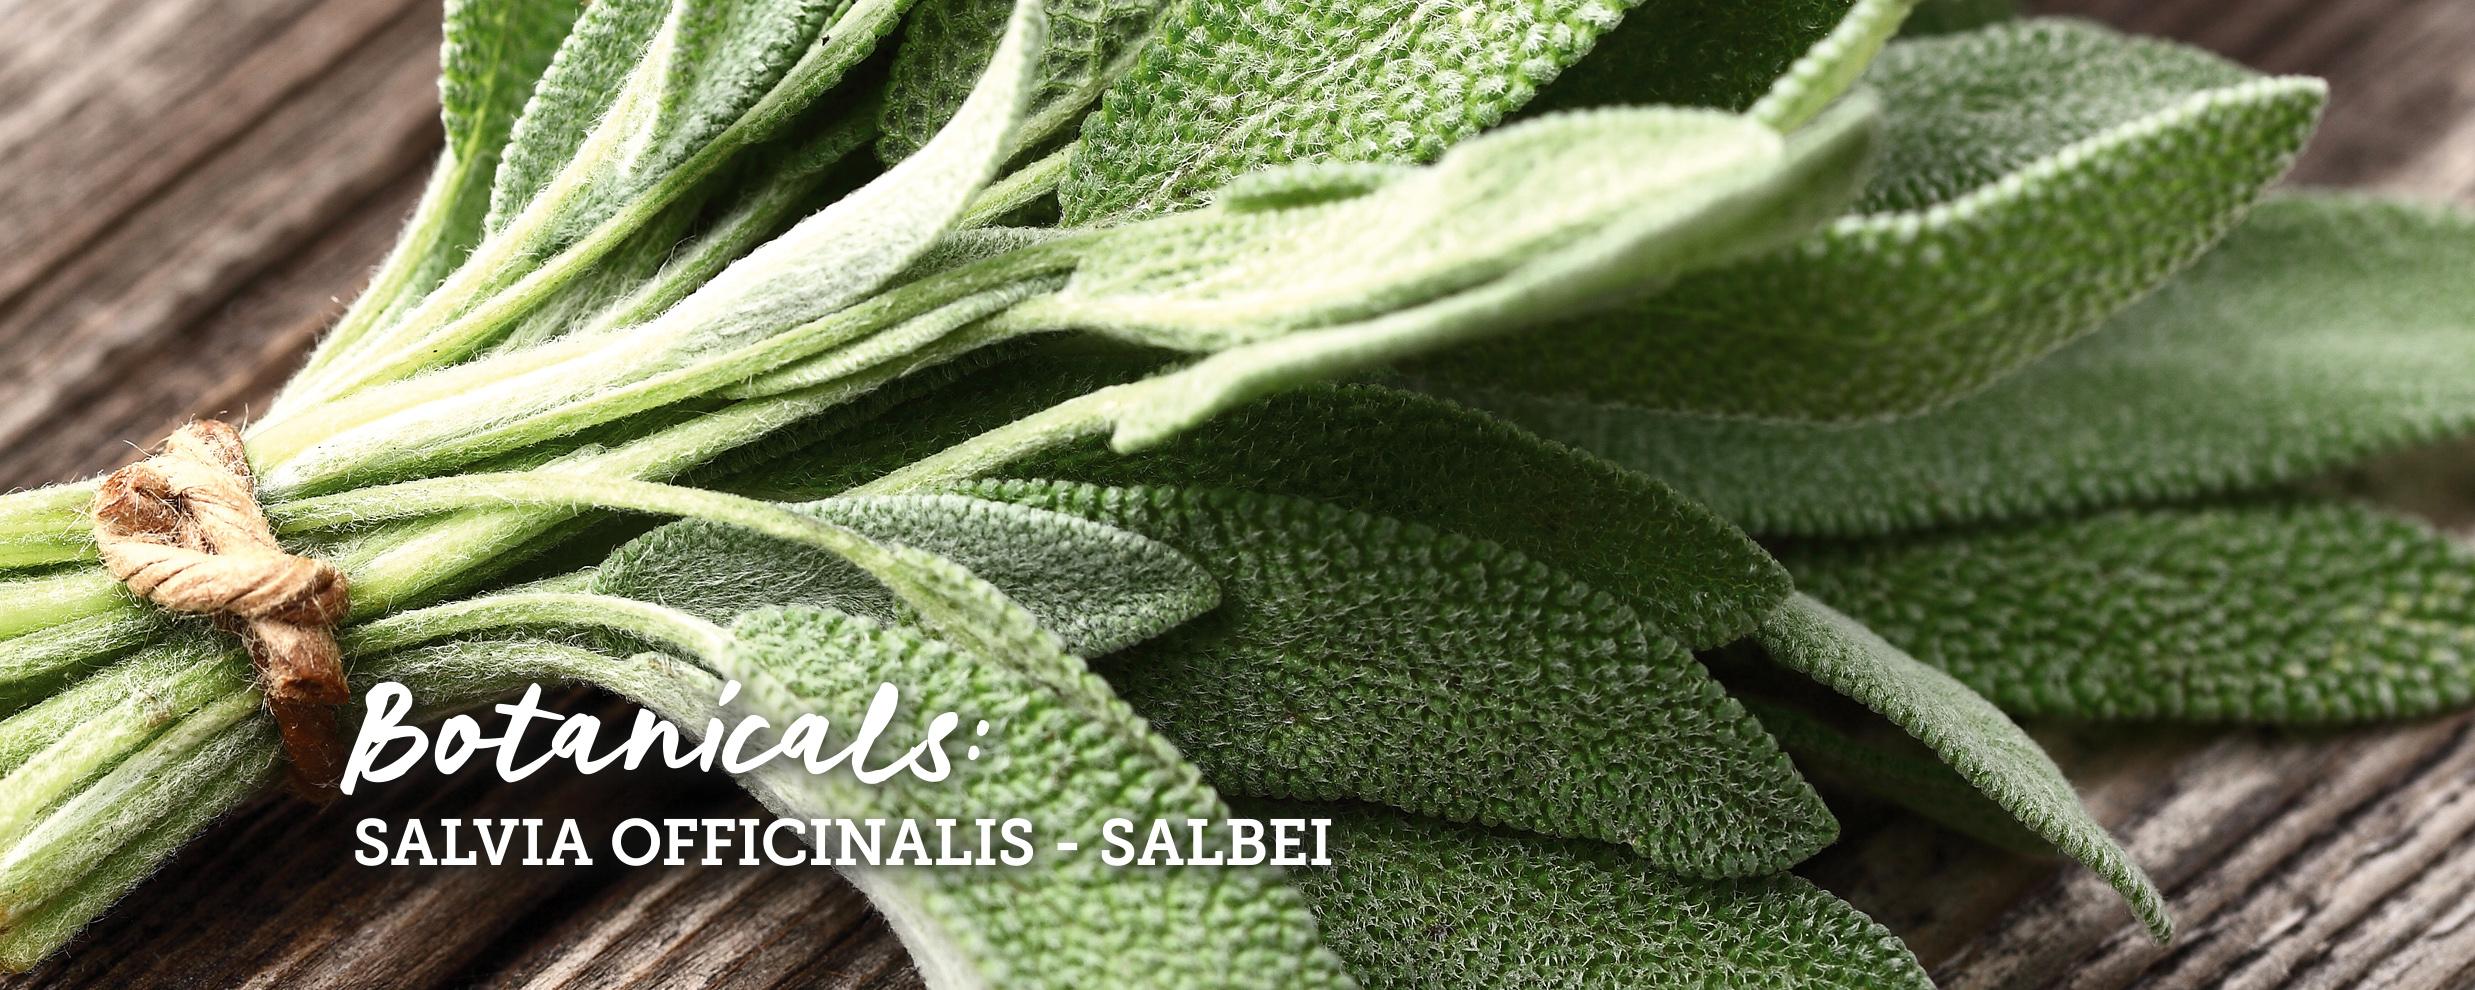 botanicals-salbei